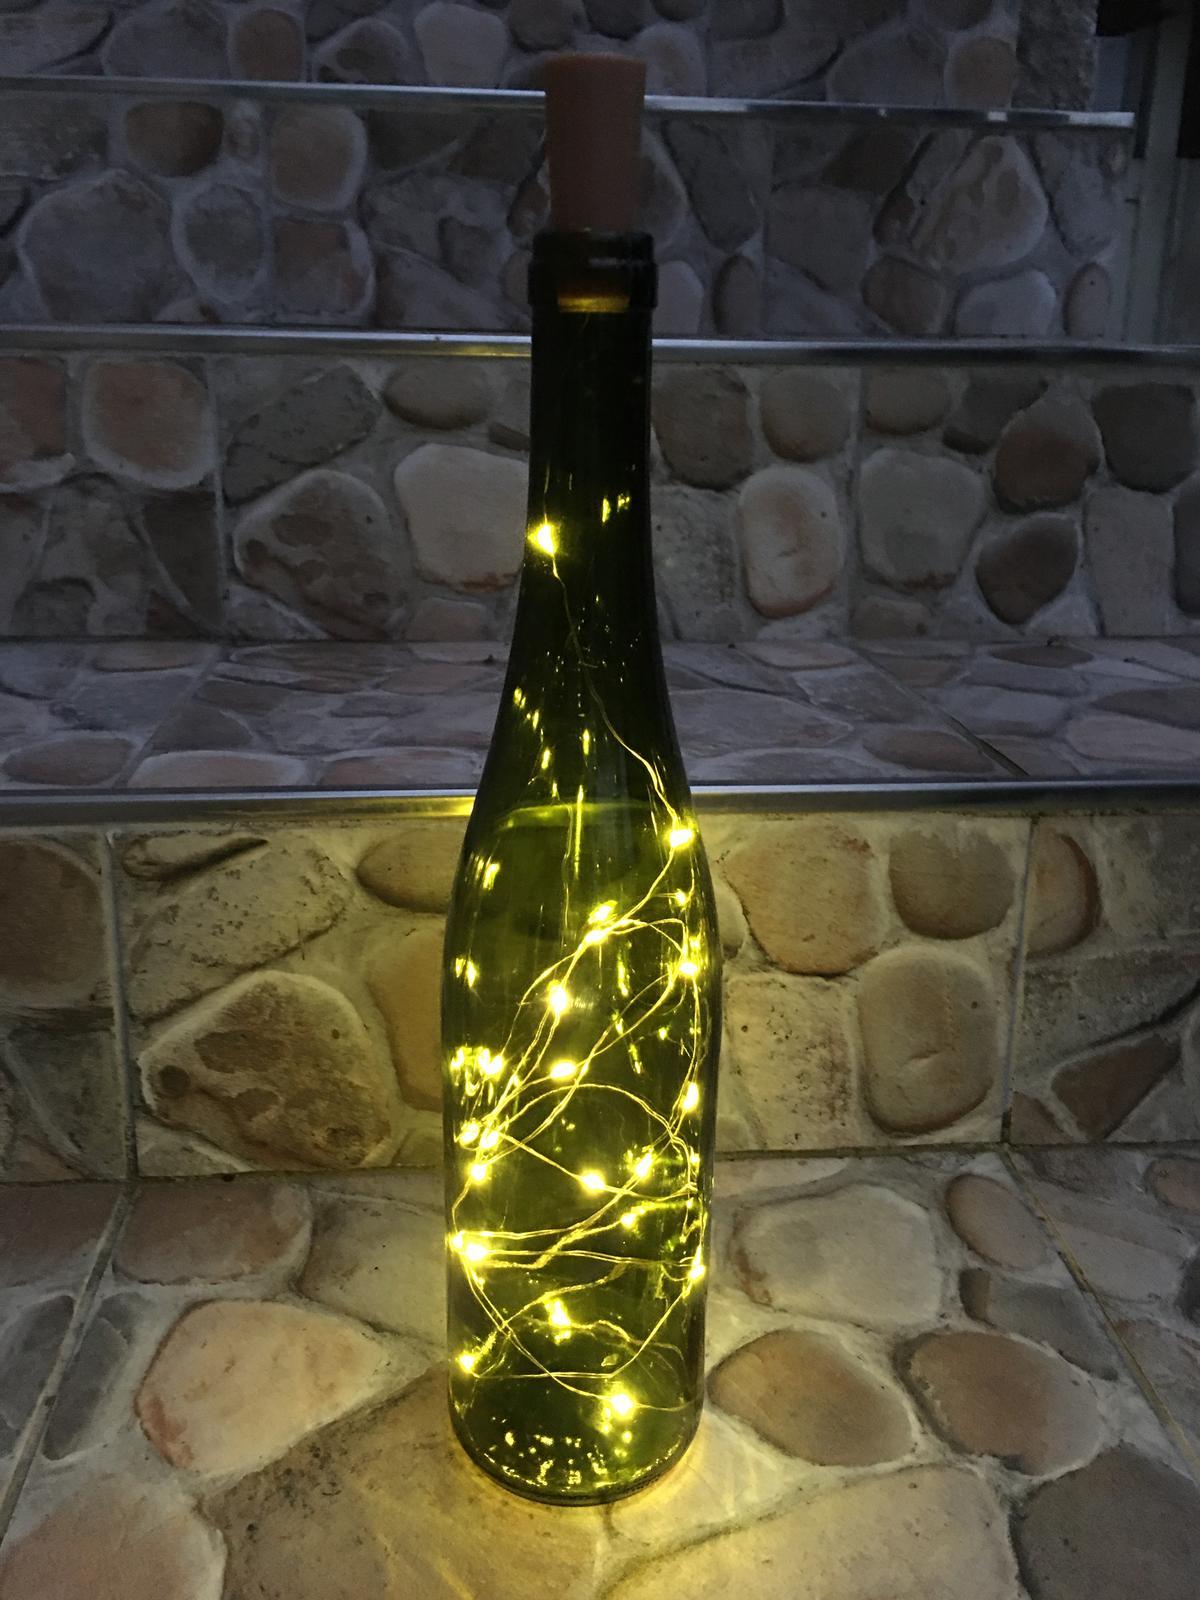 Světýlka do lahve vč. baterií - Obrázek č. 1